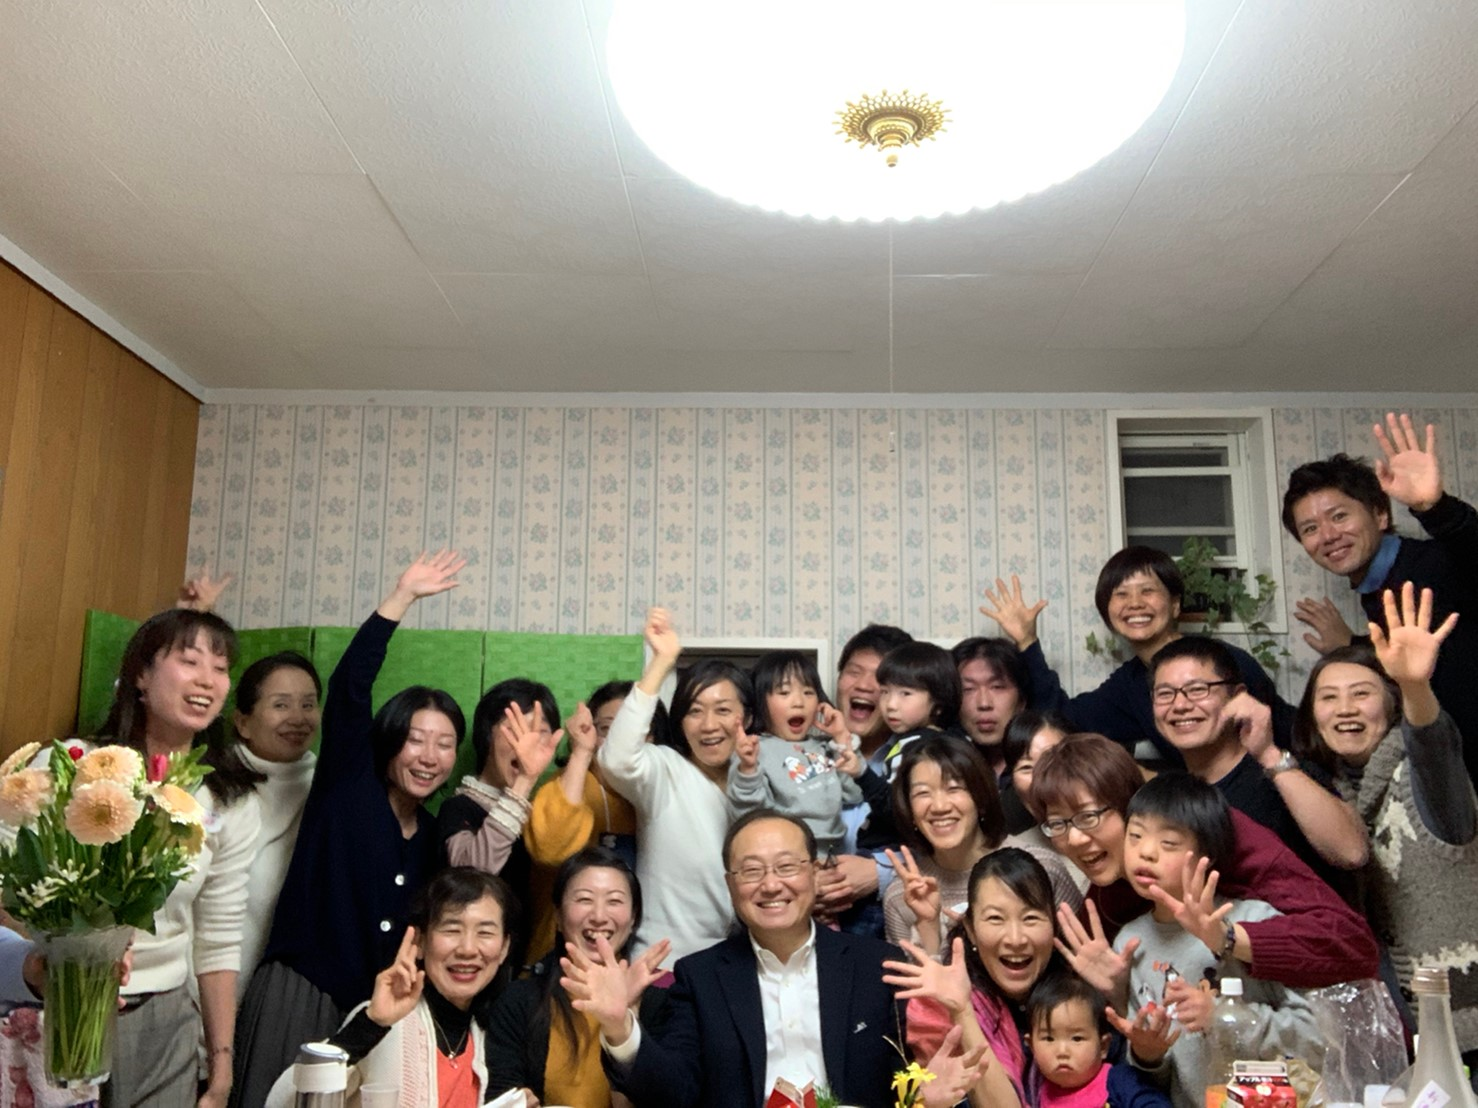 200108 0193 - しあわせ講座のメンバーにて新年会開催